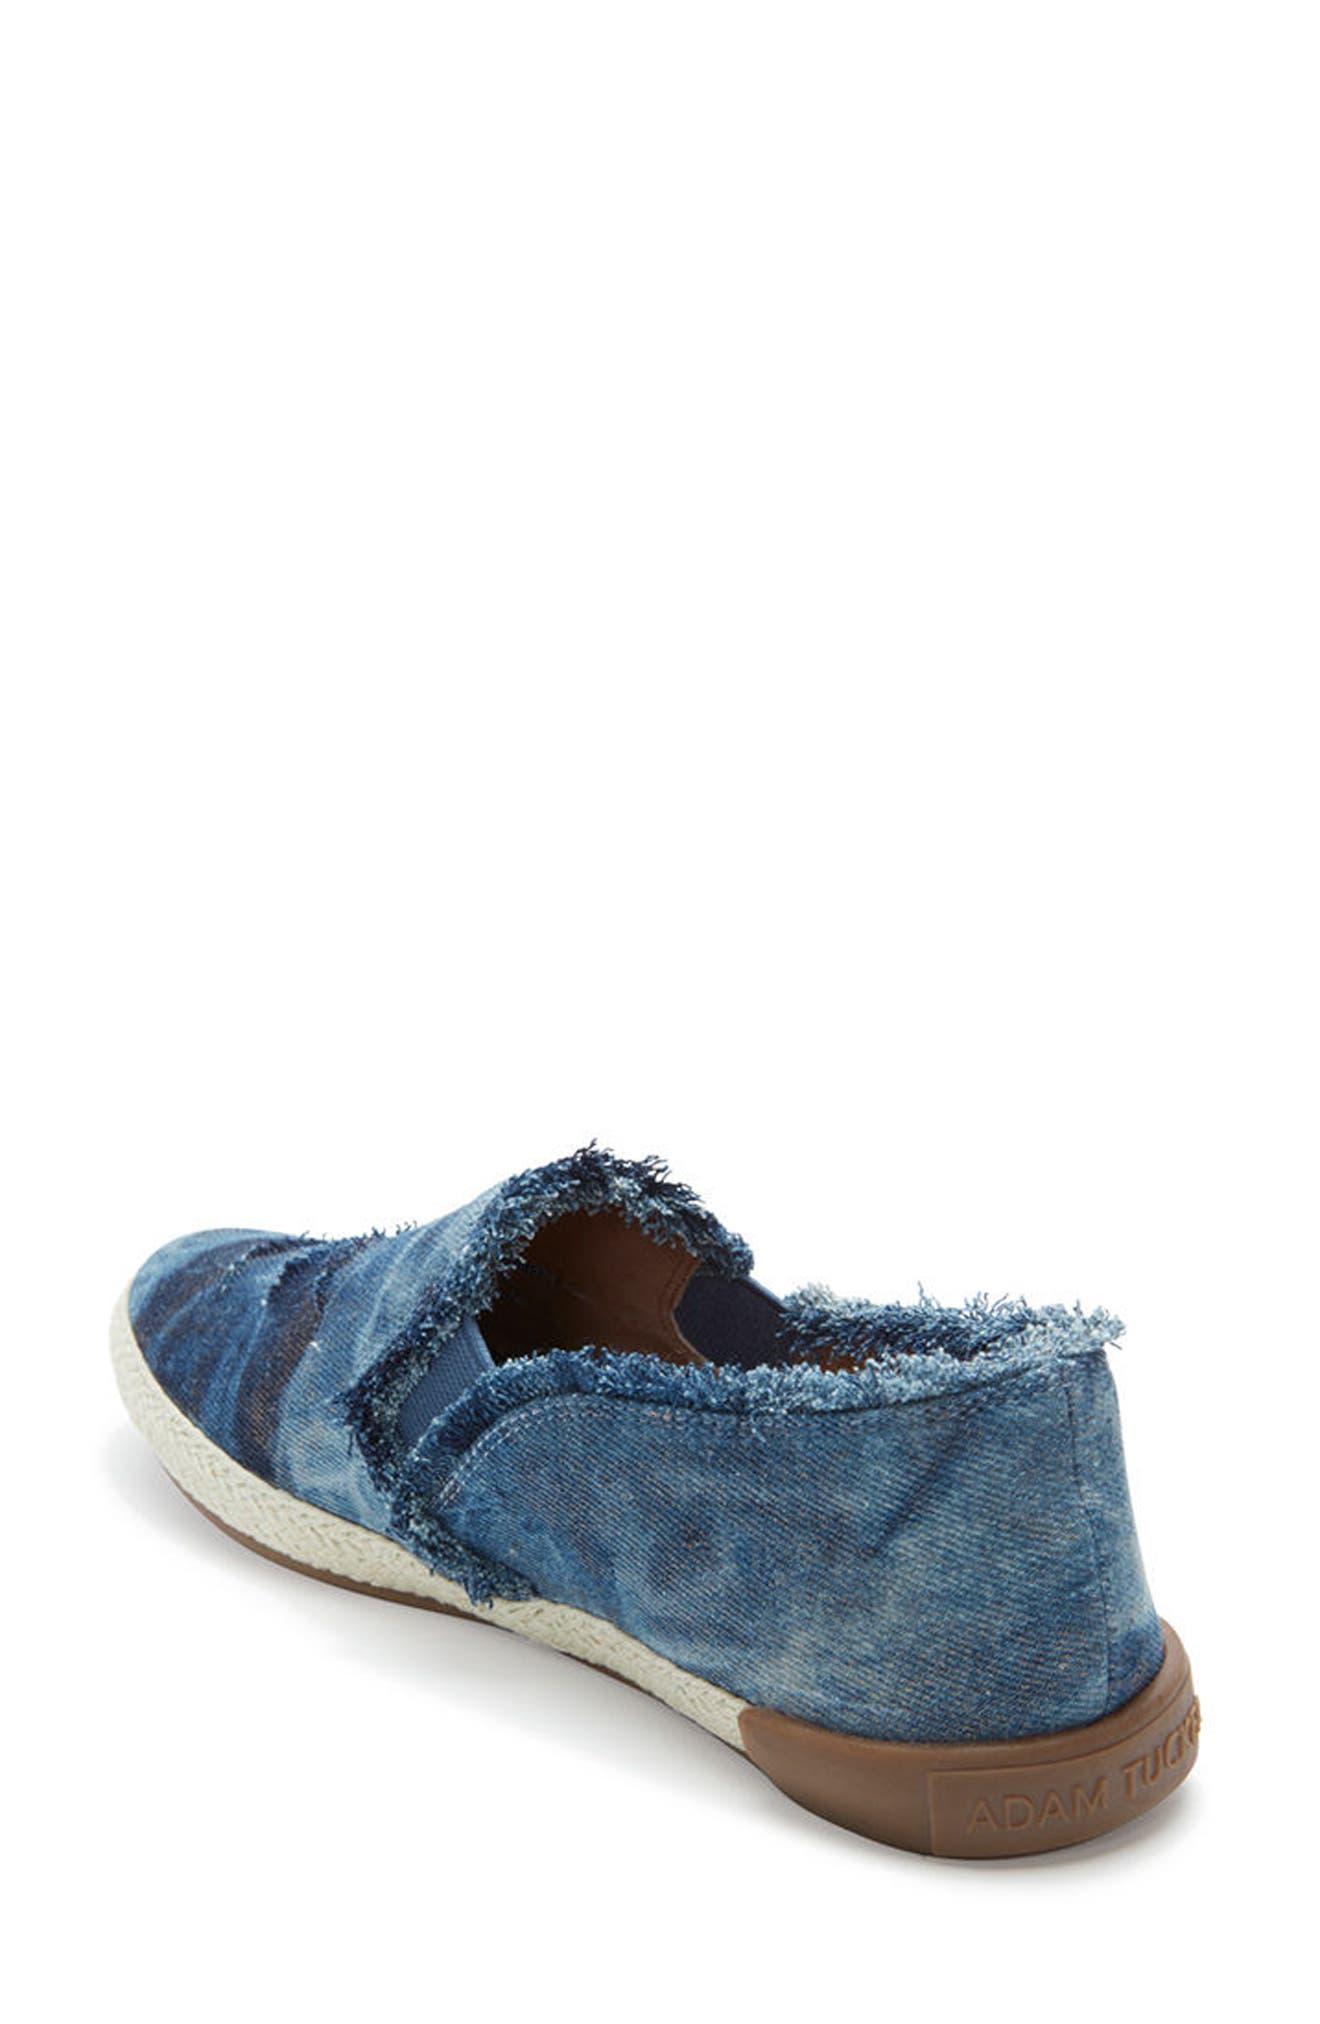 Adam Tucker Marin Slip-On Sneaker,                             Alternate thumbnail 2, color,                             Blue Champagne Denim Fabric